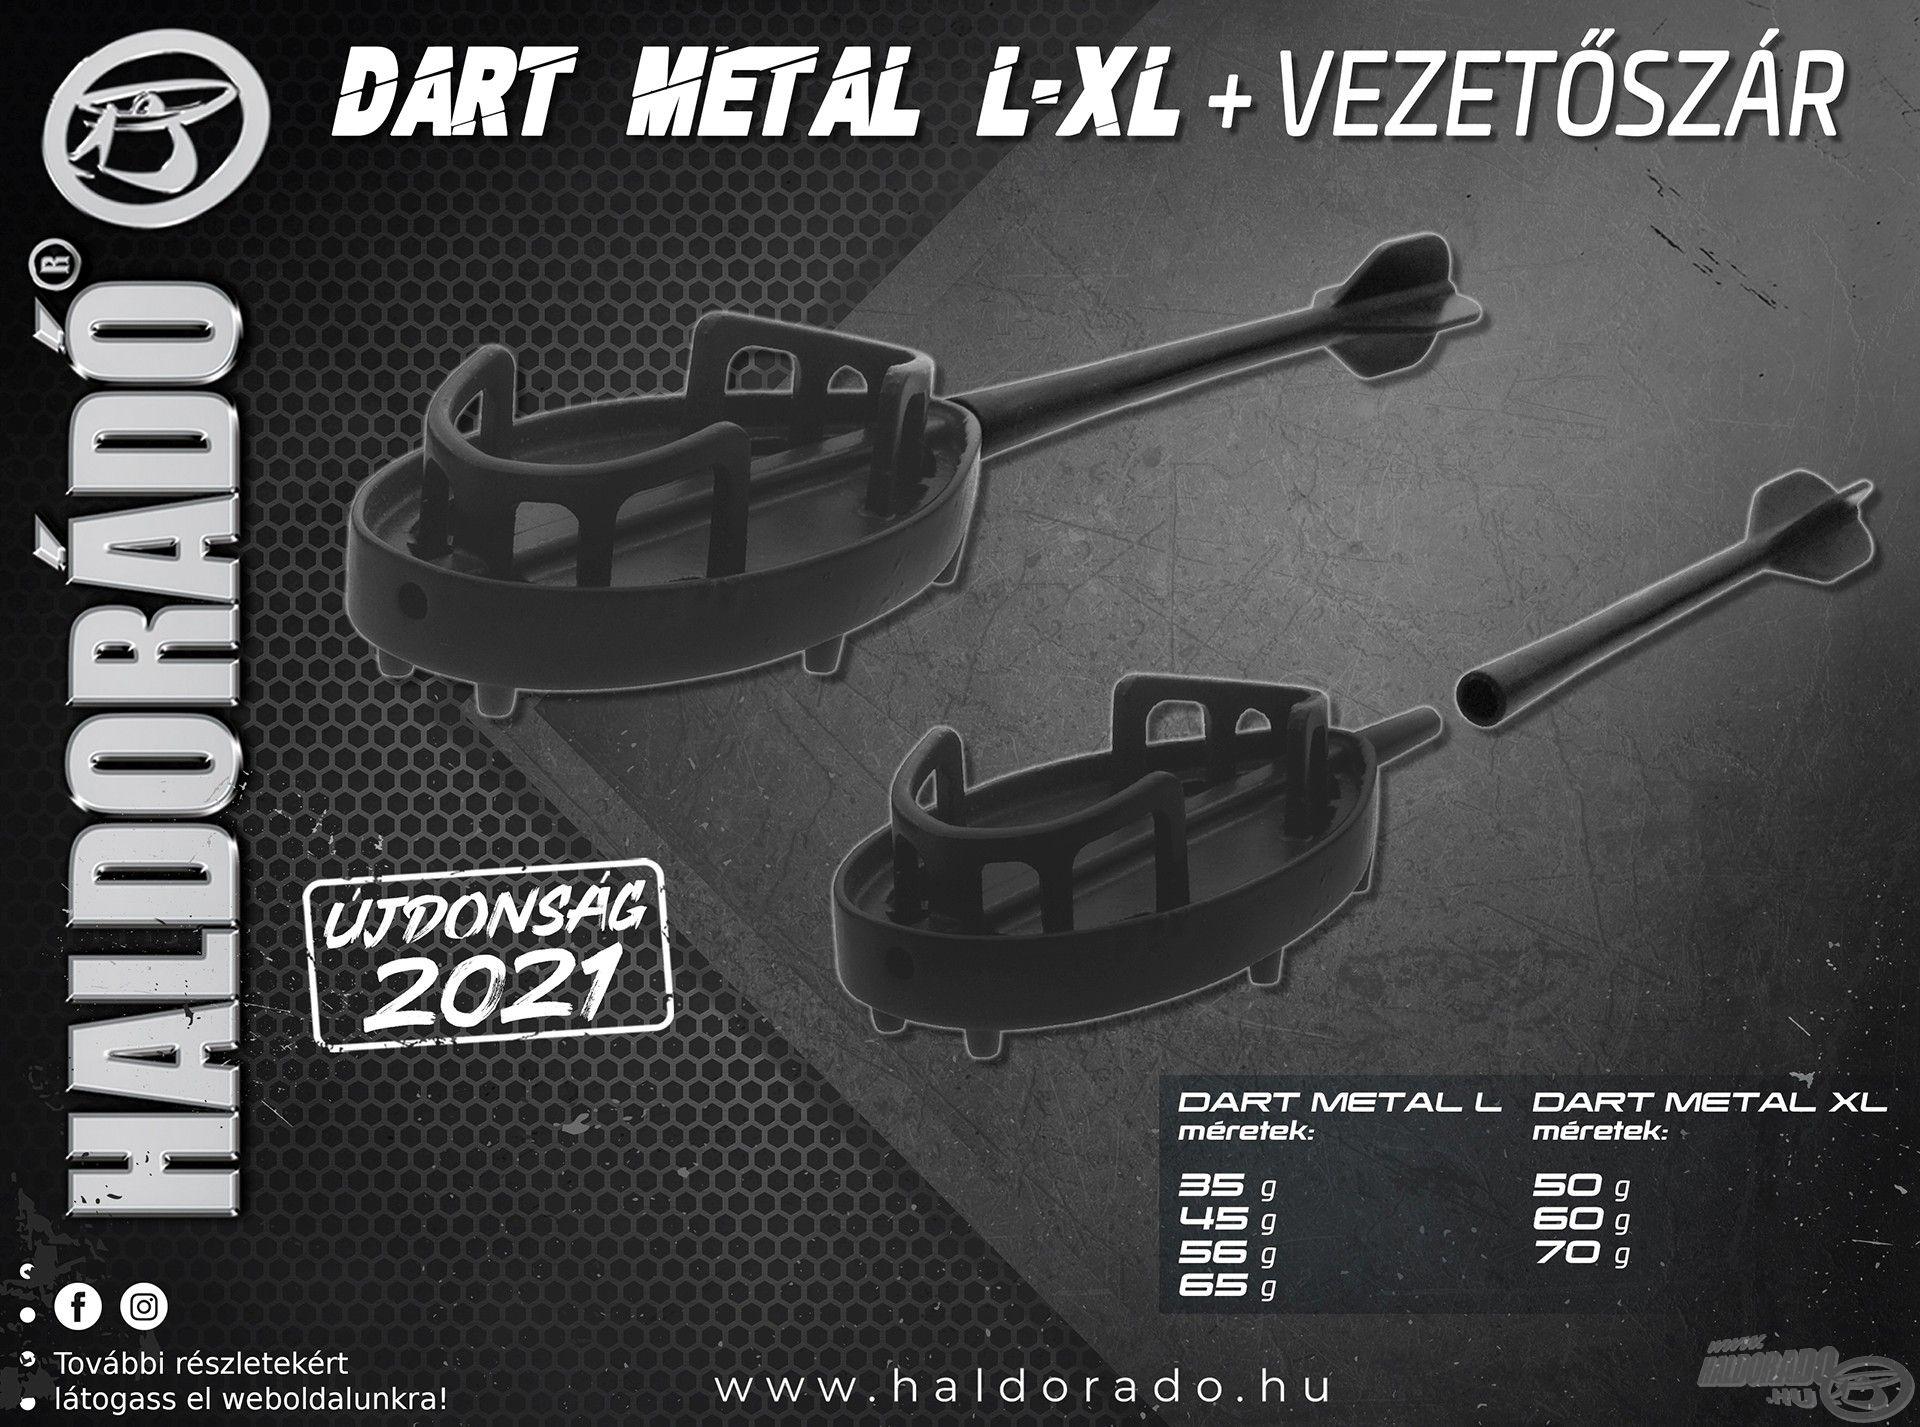 Haldorádó Dart Metal L-XL